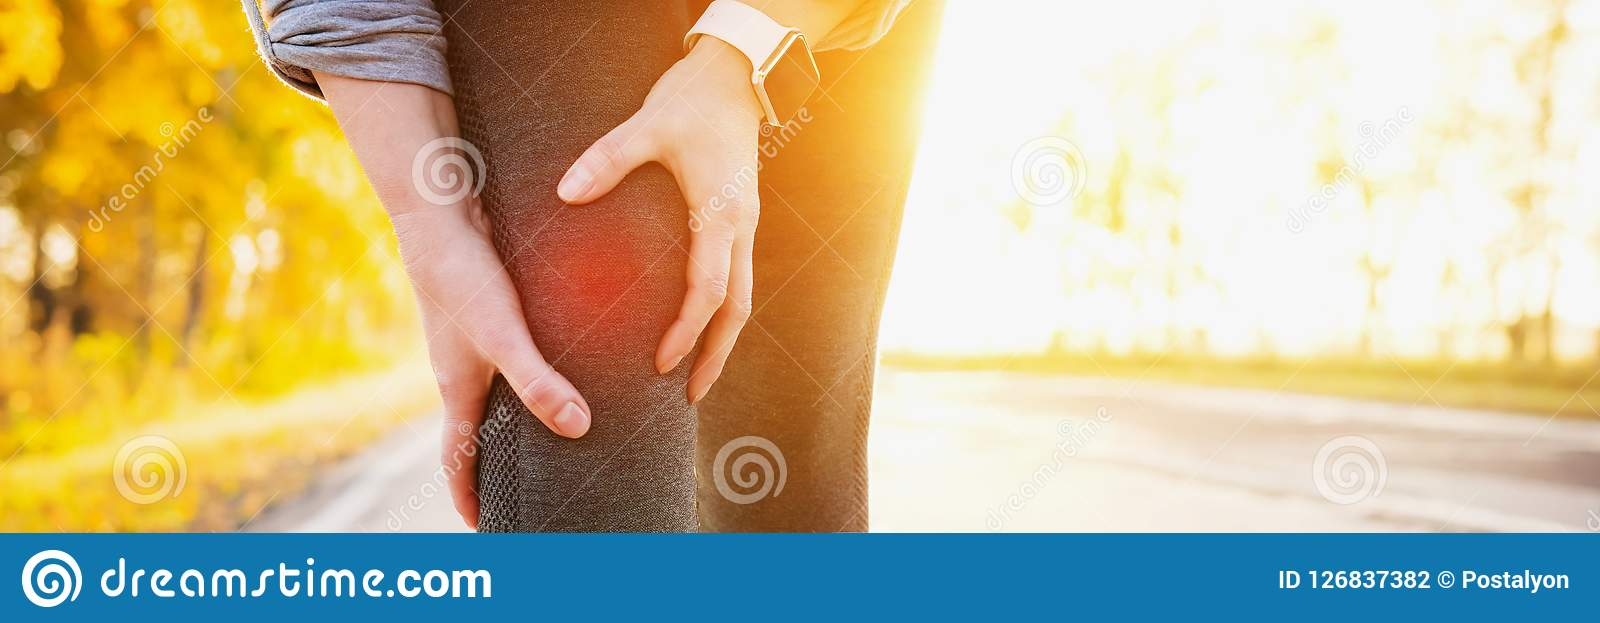 Artritisatleet Verwondingen - sporten die de vrouw van de knieverwonding in werking stellen